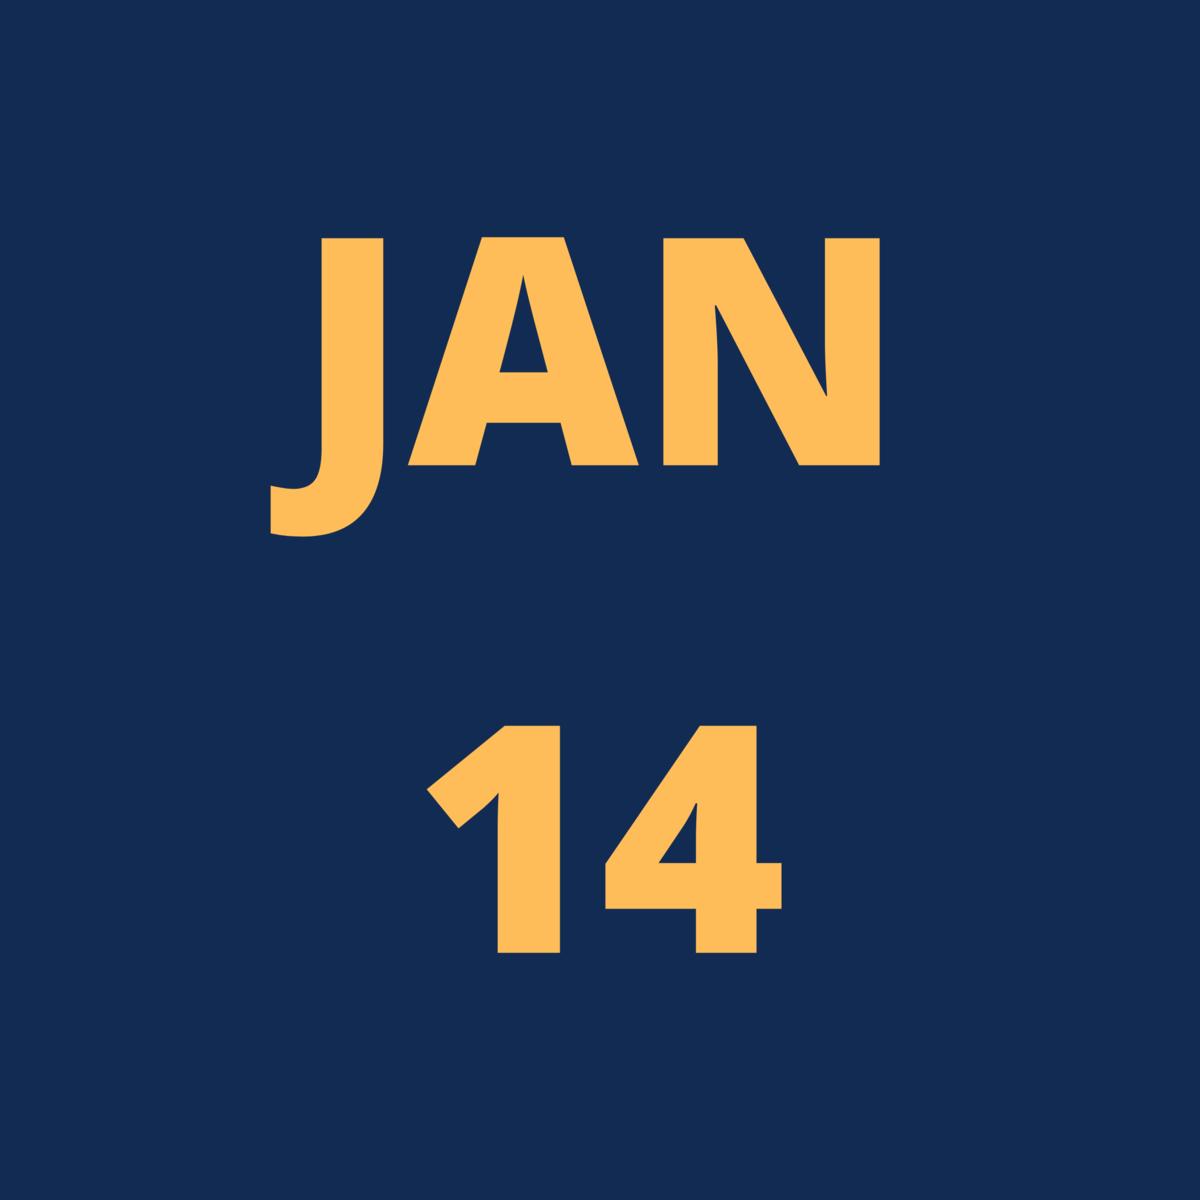 Jan 14 Icon